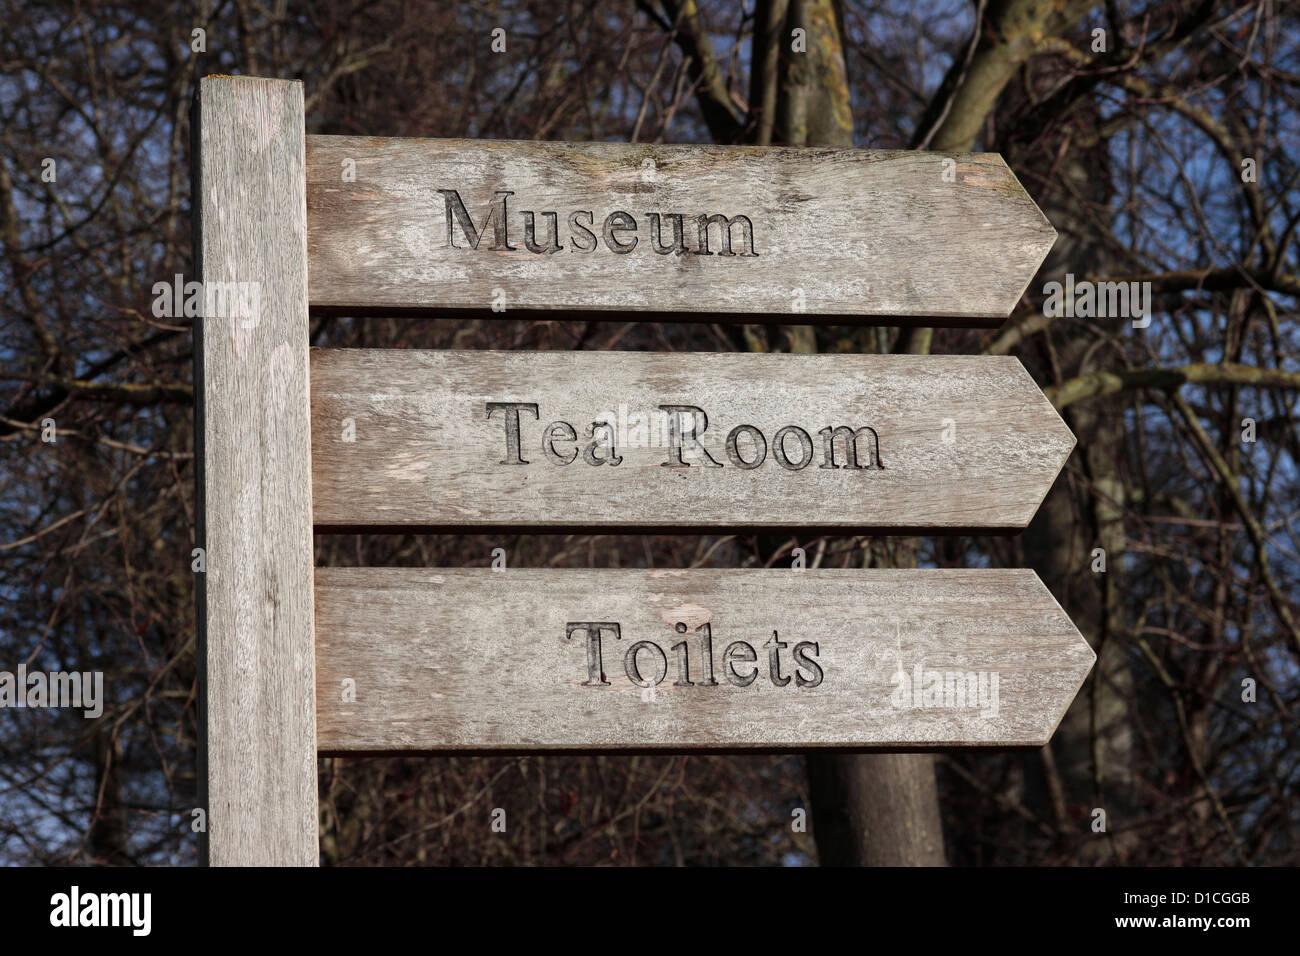 Cusworth Hall Museum Tea Room Toilets Sign Post - Stock Image